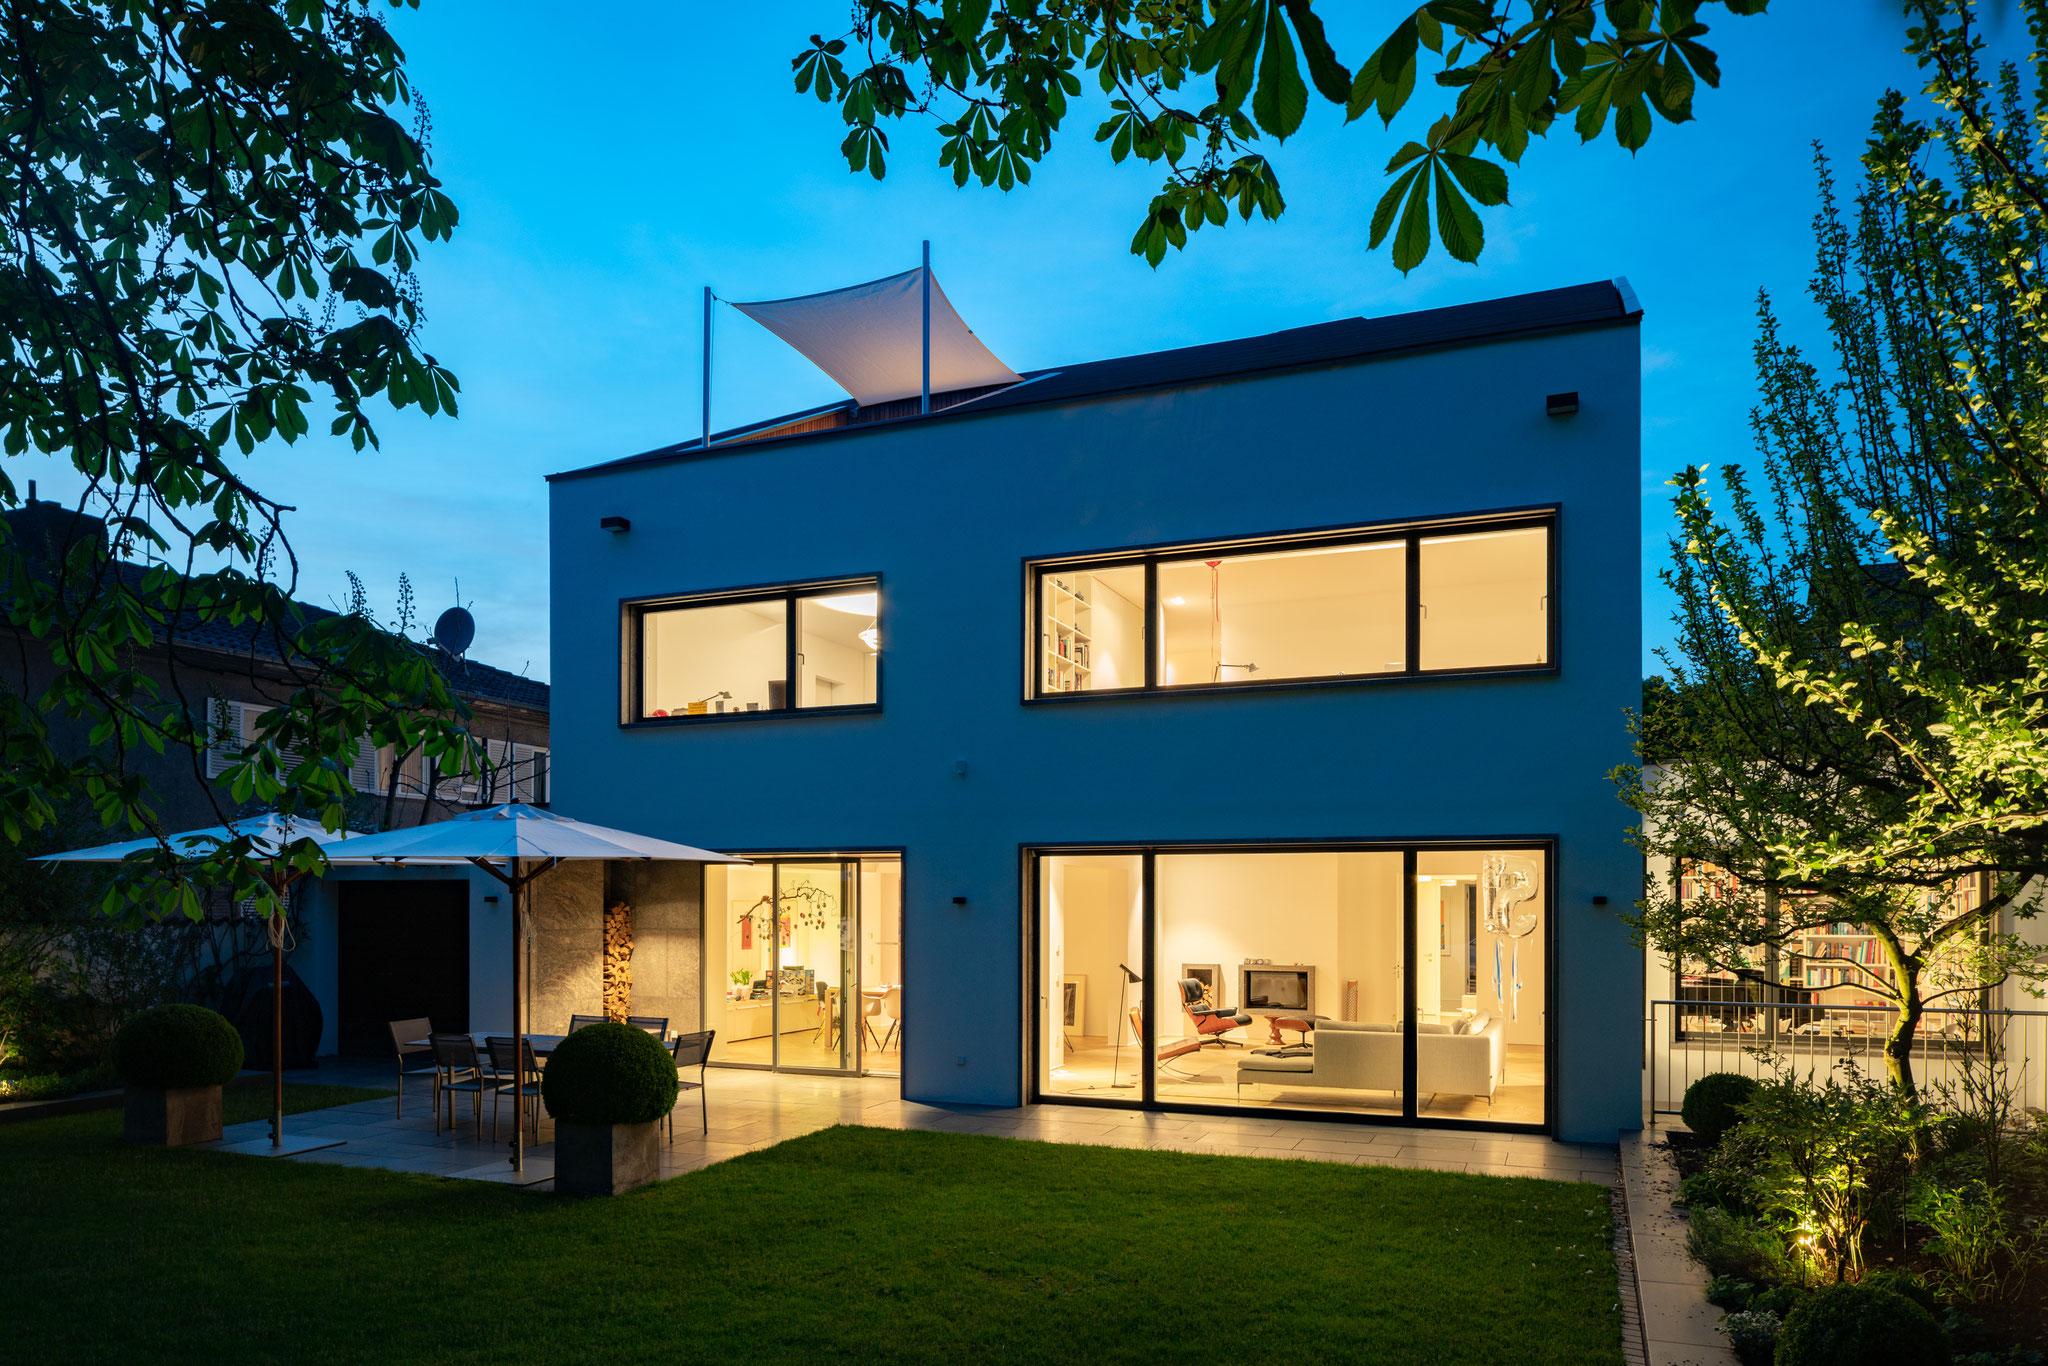 Einfamilienhaus / Architekt Daniel Uhlig